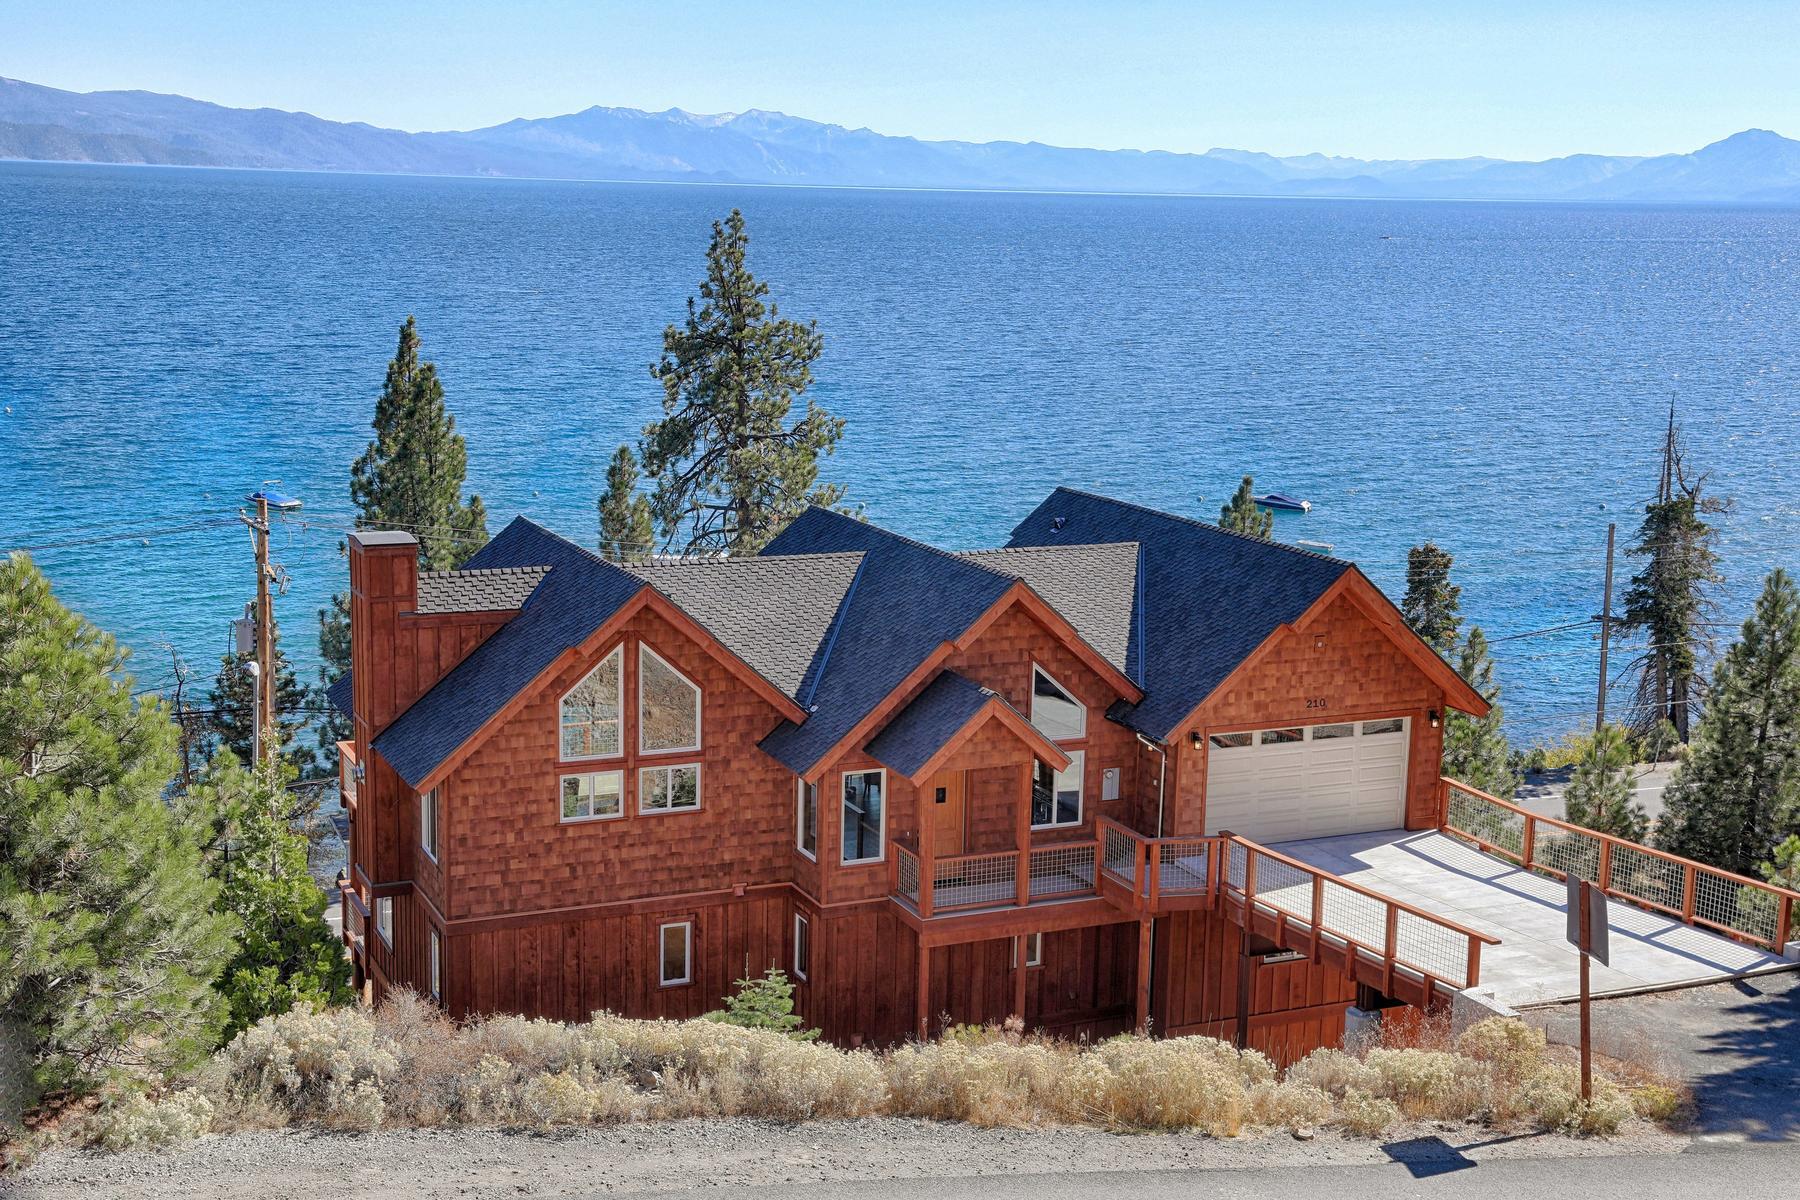 独户住宅 为 销售 在 210 Stag Lane, Tahoe Vista, CA 210 Stag Lane 塔霍湖, 加利福尼亚州 96148 美国